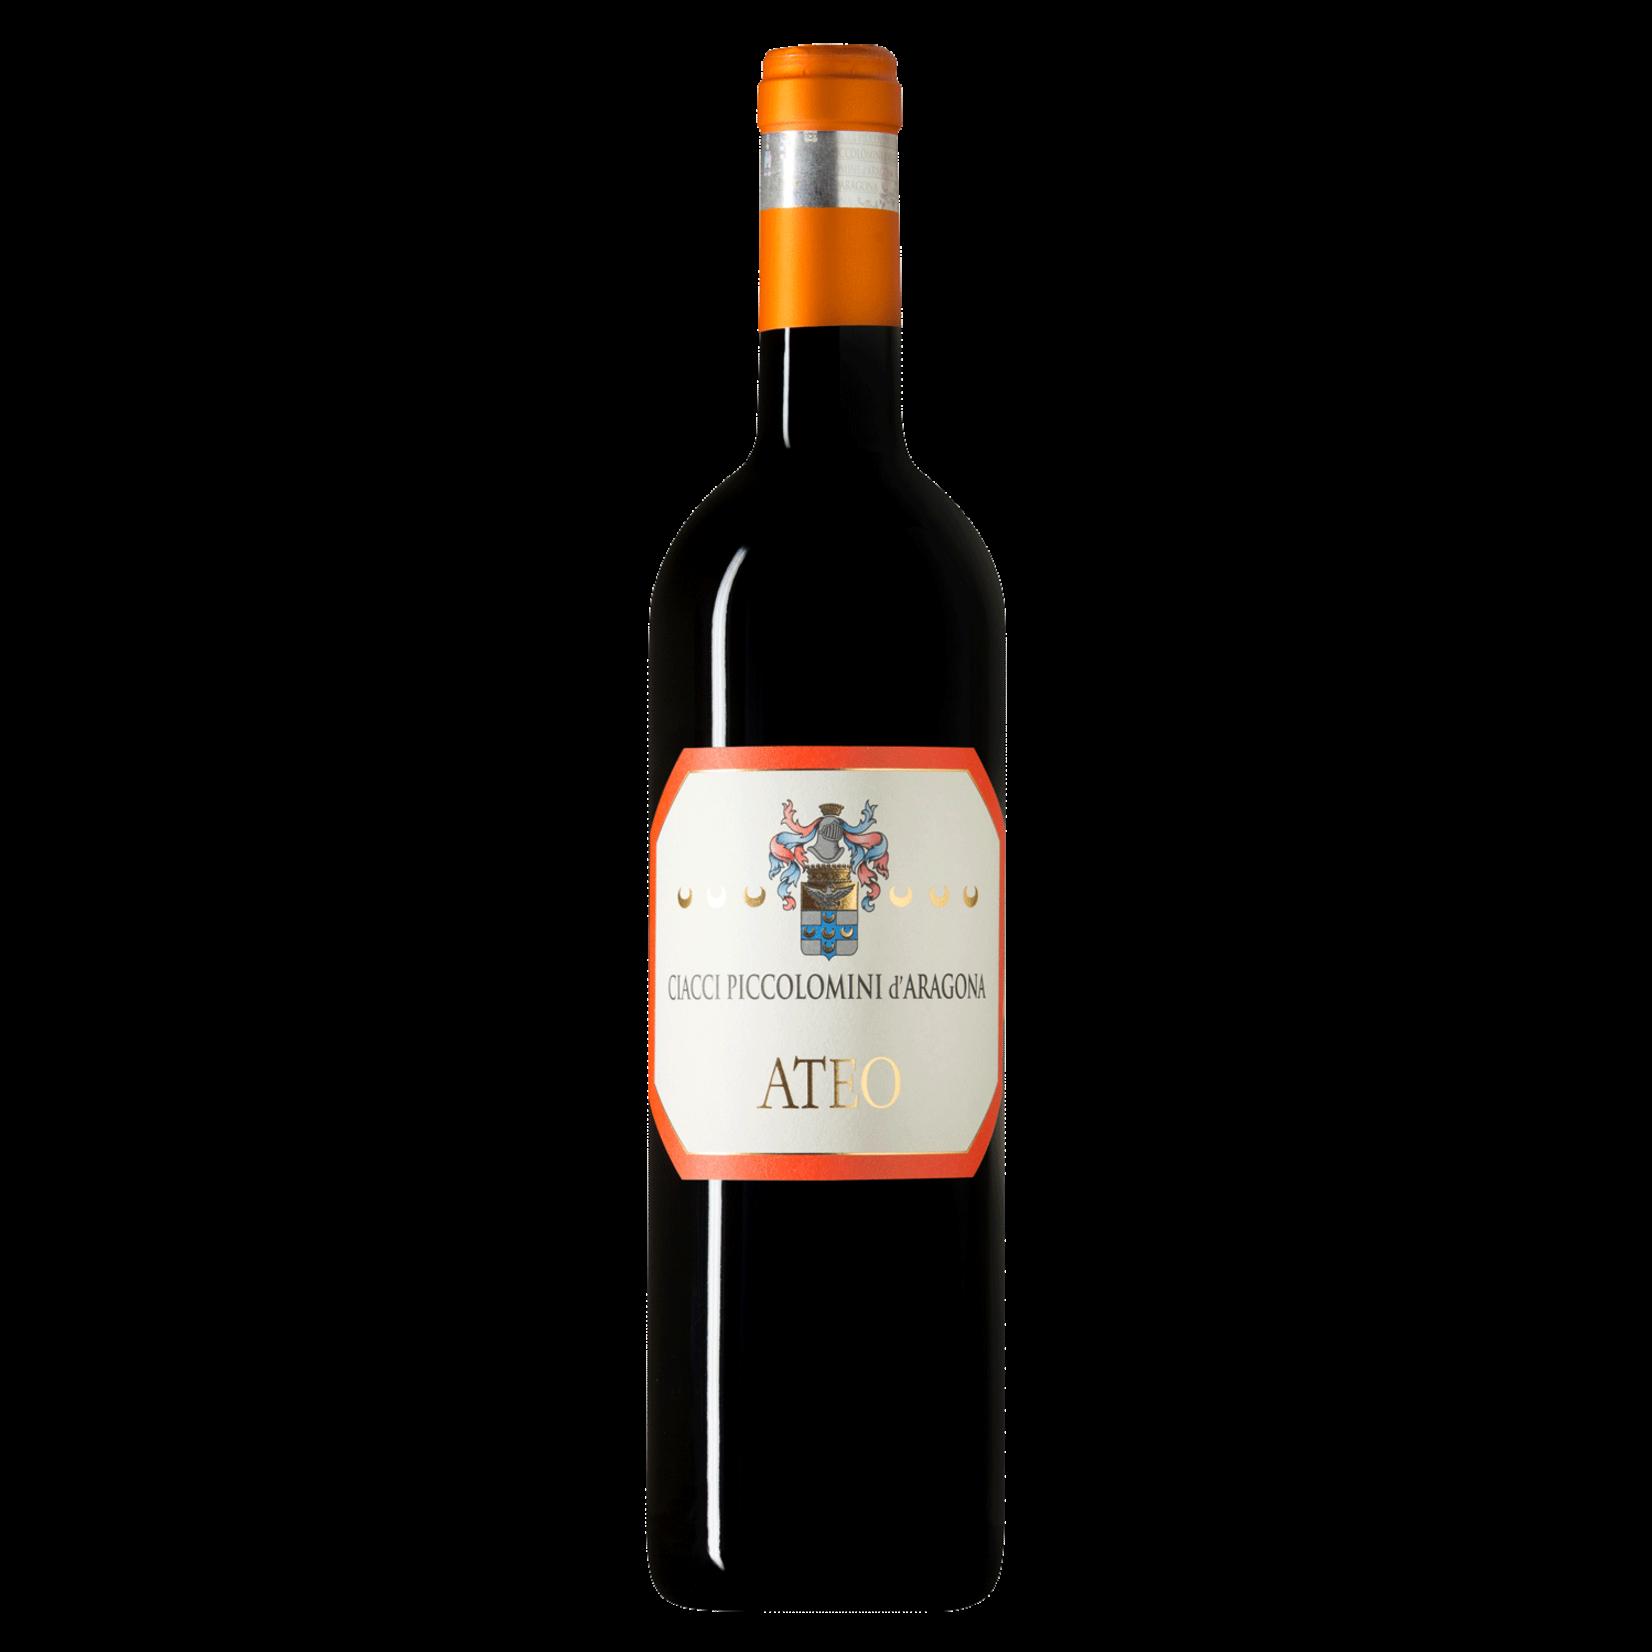 Wine Ciacci Piccolomini d'Aragona Ateo 2018